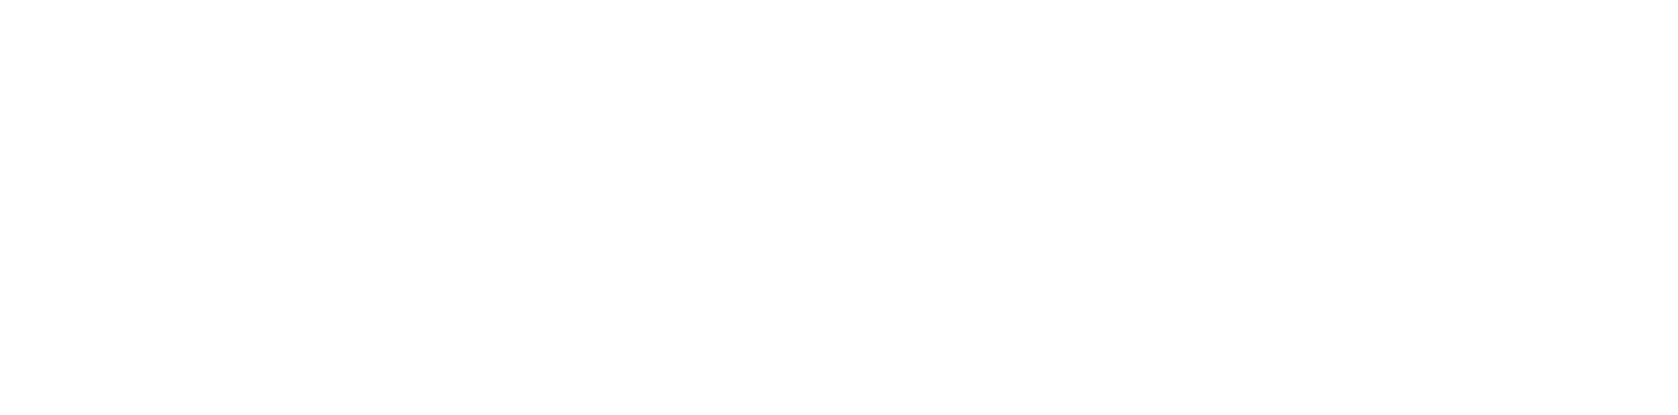 Foregen logo as stylized text